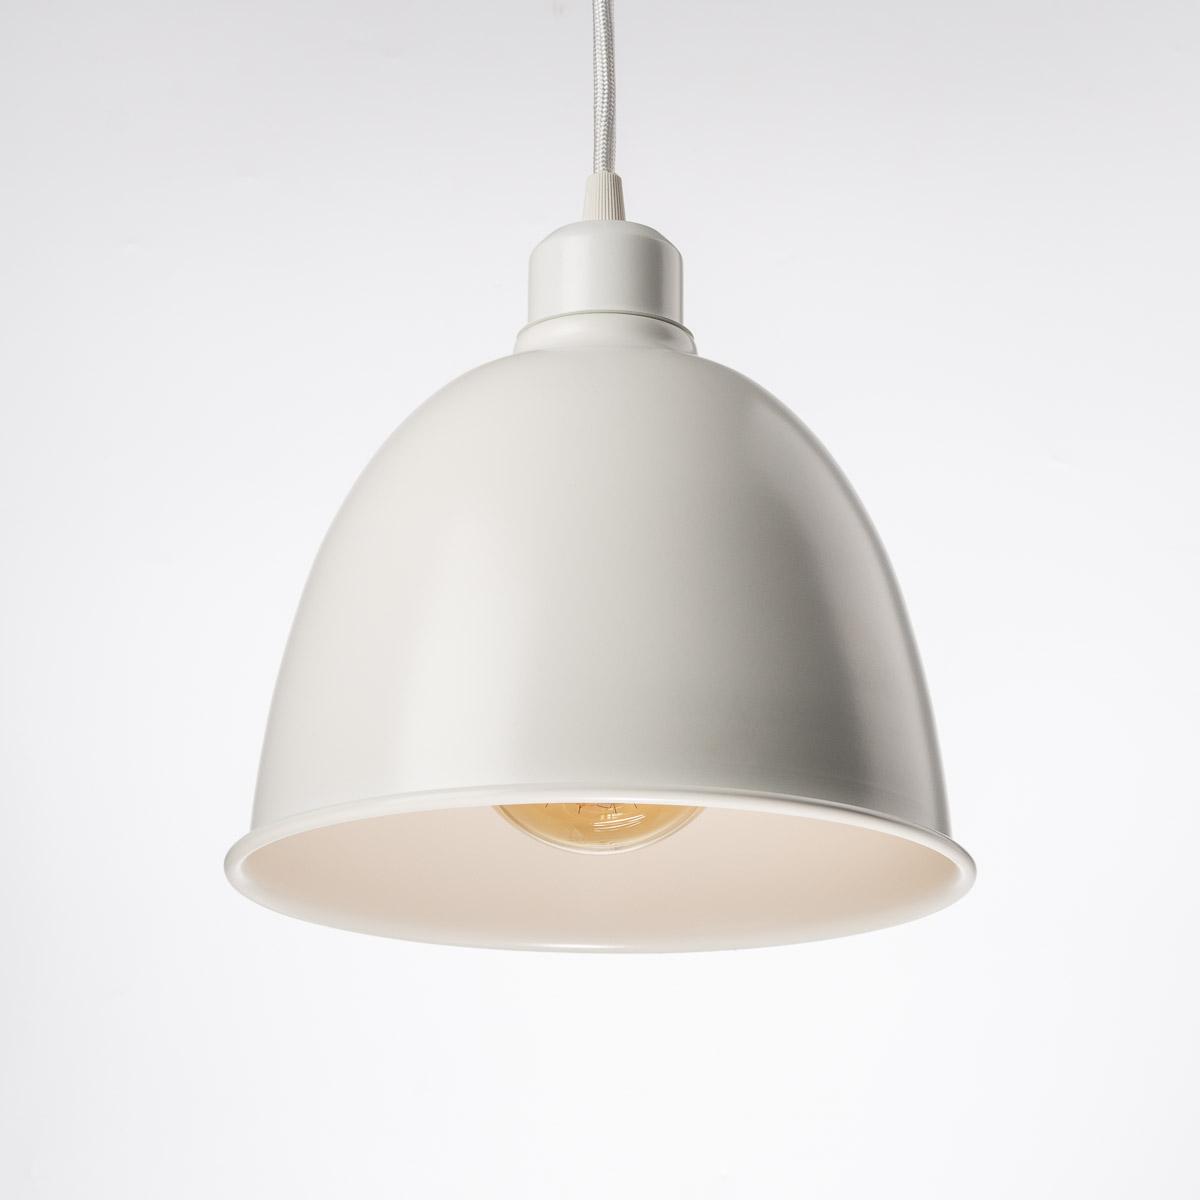 Потолочный светильник Astrid белый